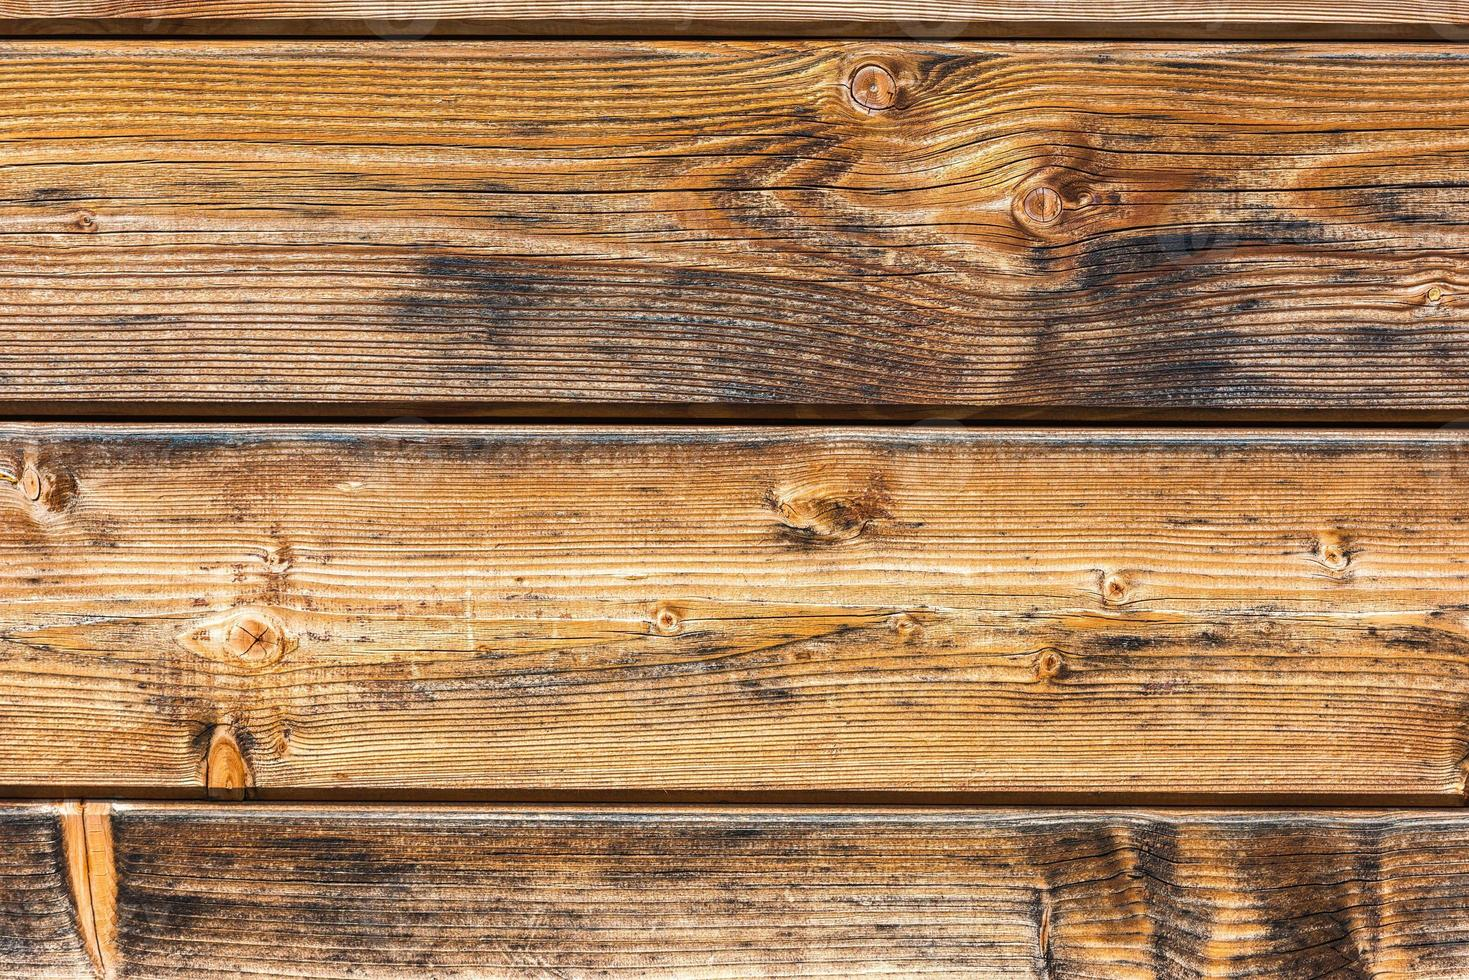 gammal träplanka yta bakgrund foto